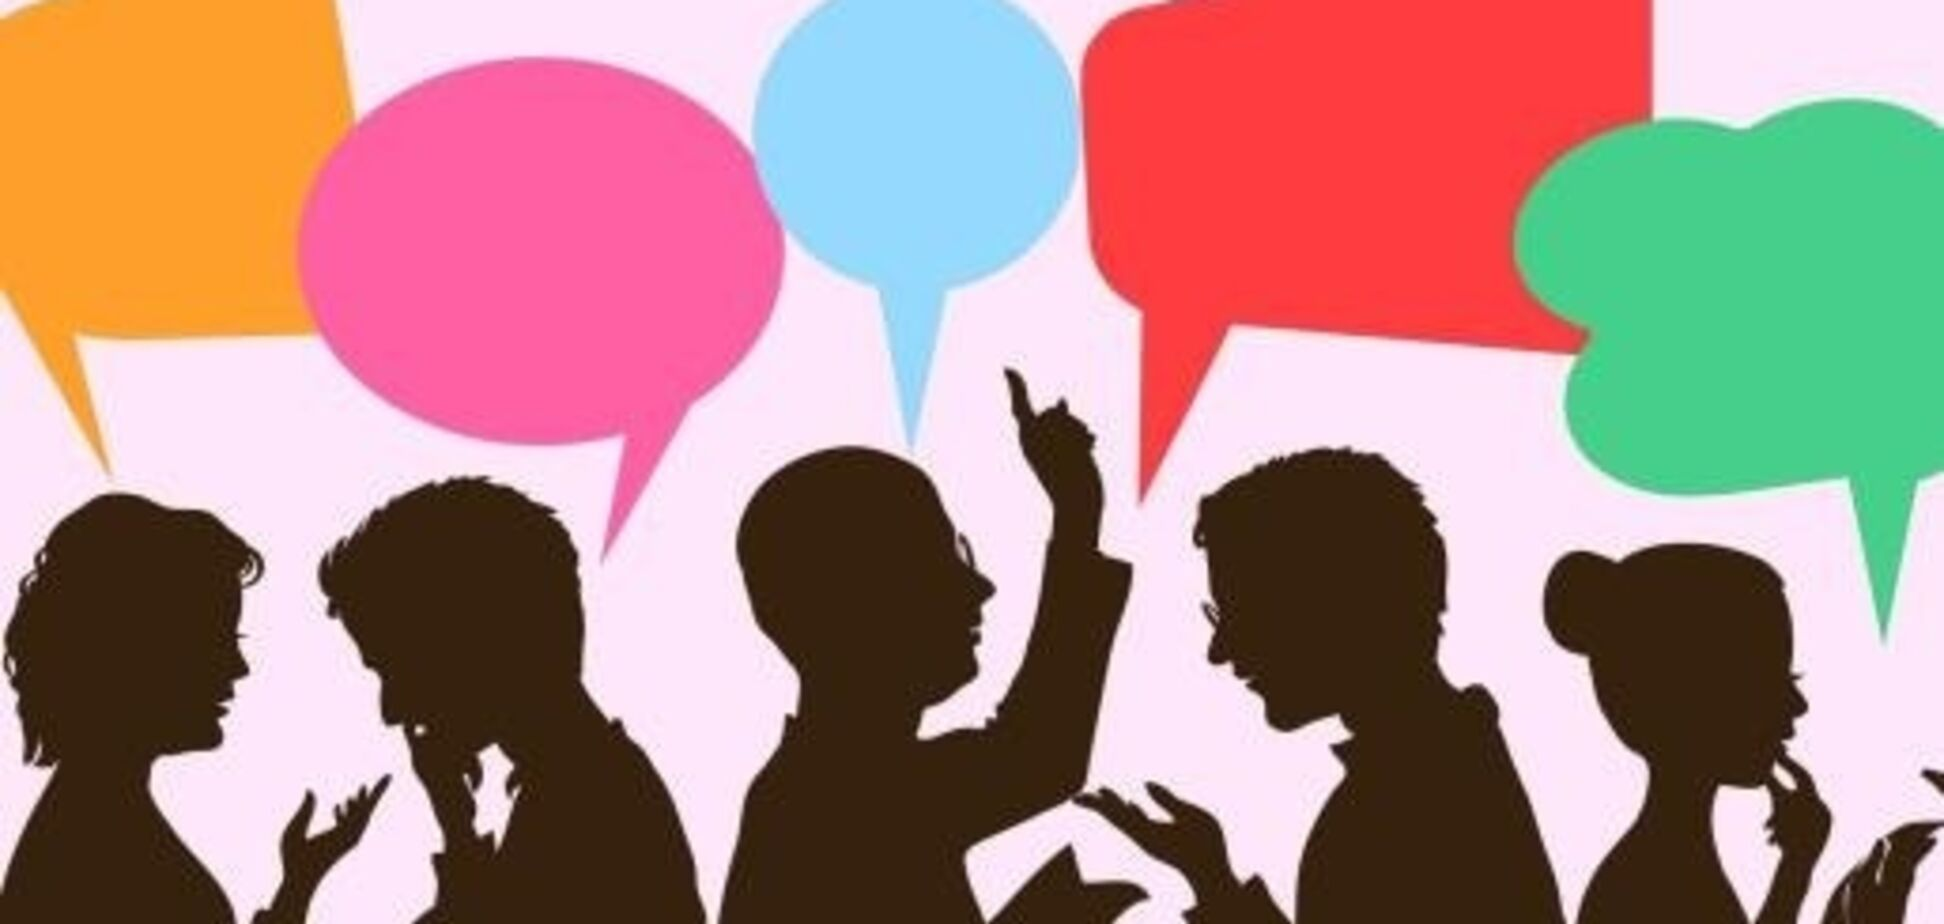 Чи можна переконати людину змінити політичні погляди? Три несподівані висновки